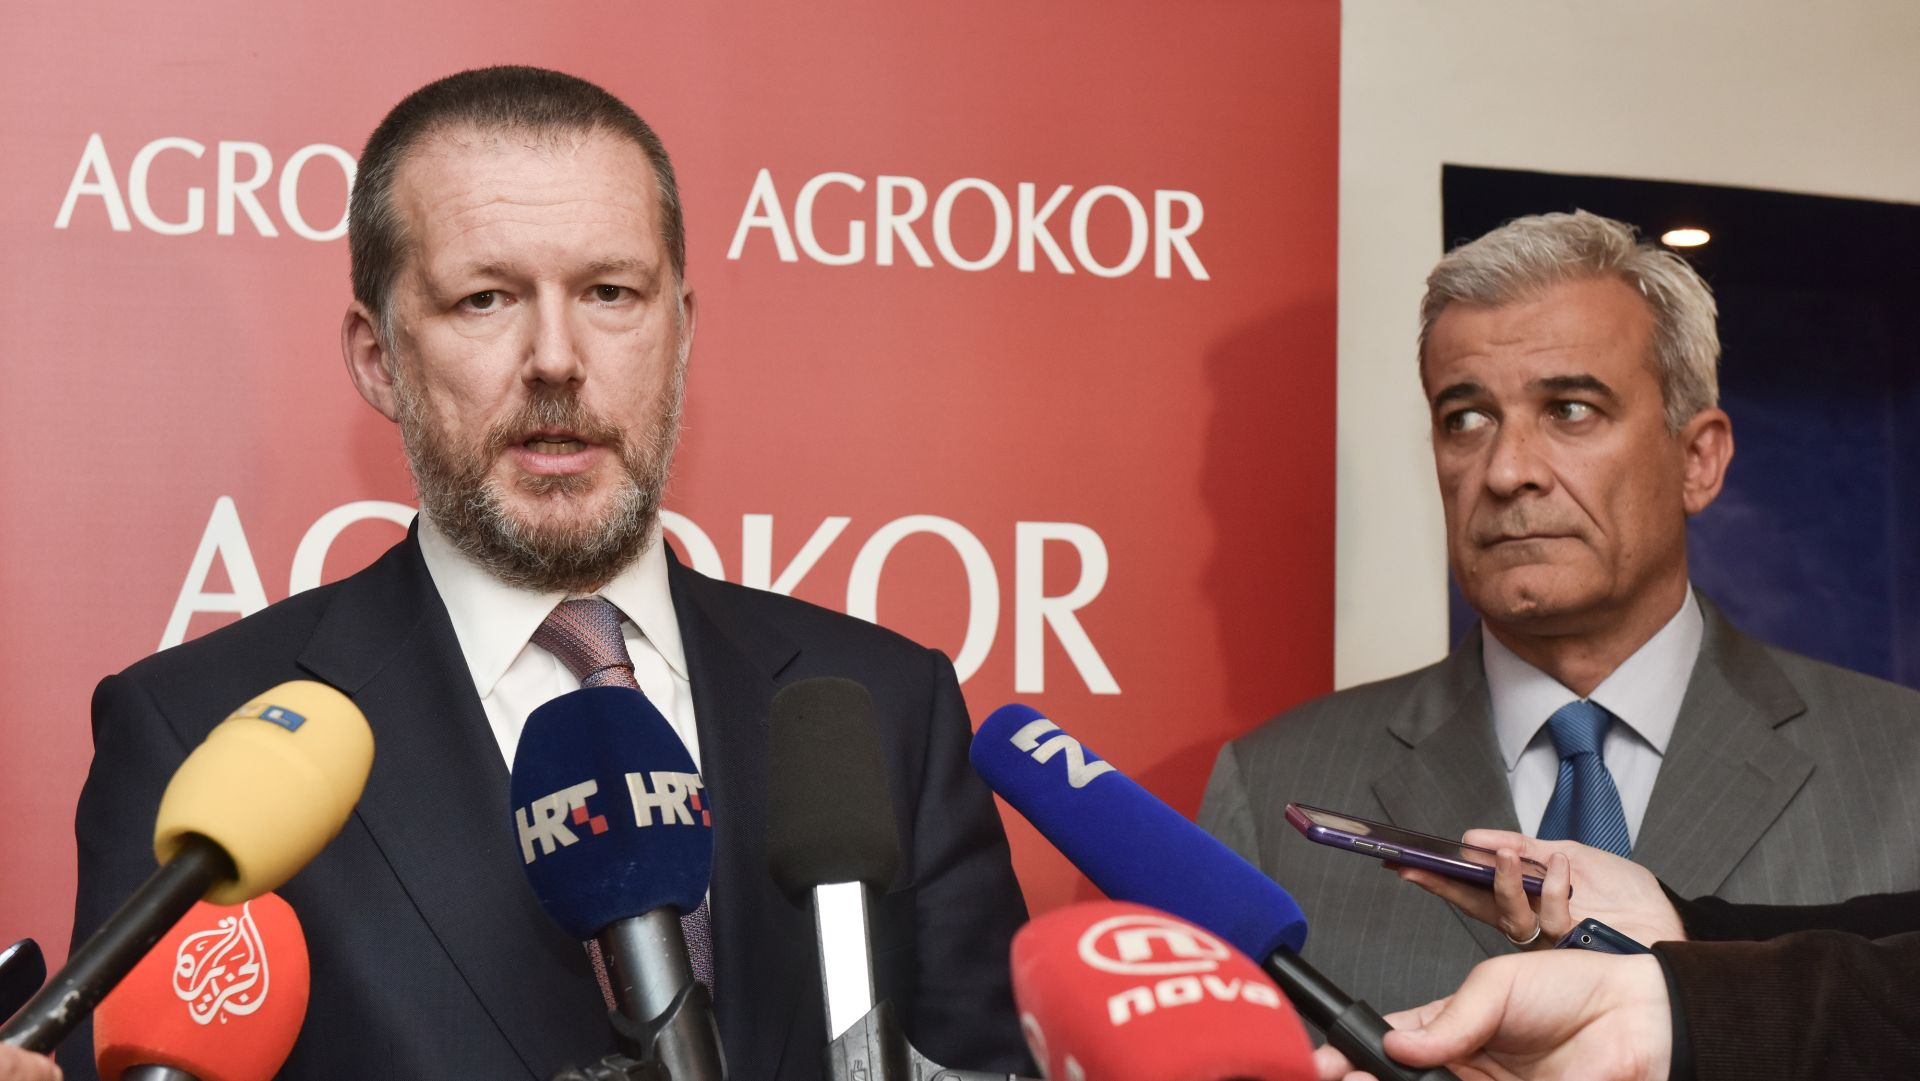 'Smjena Ramljaka ugrozila bi proces restrukturiranja Agrokora'